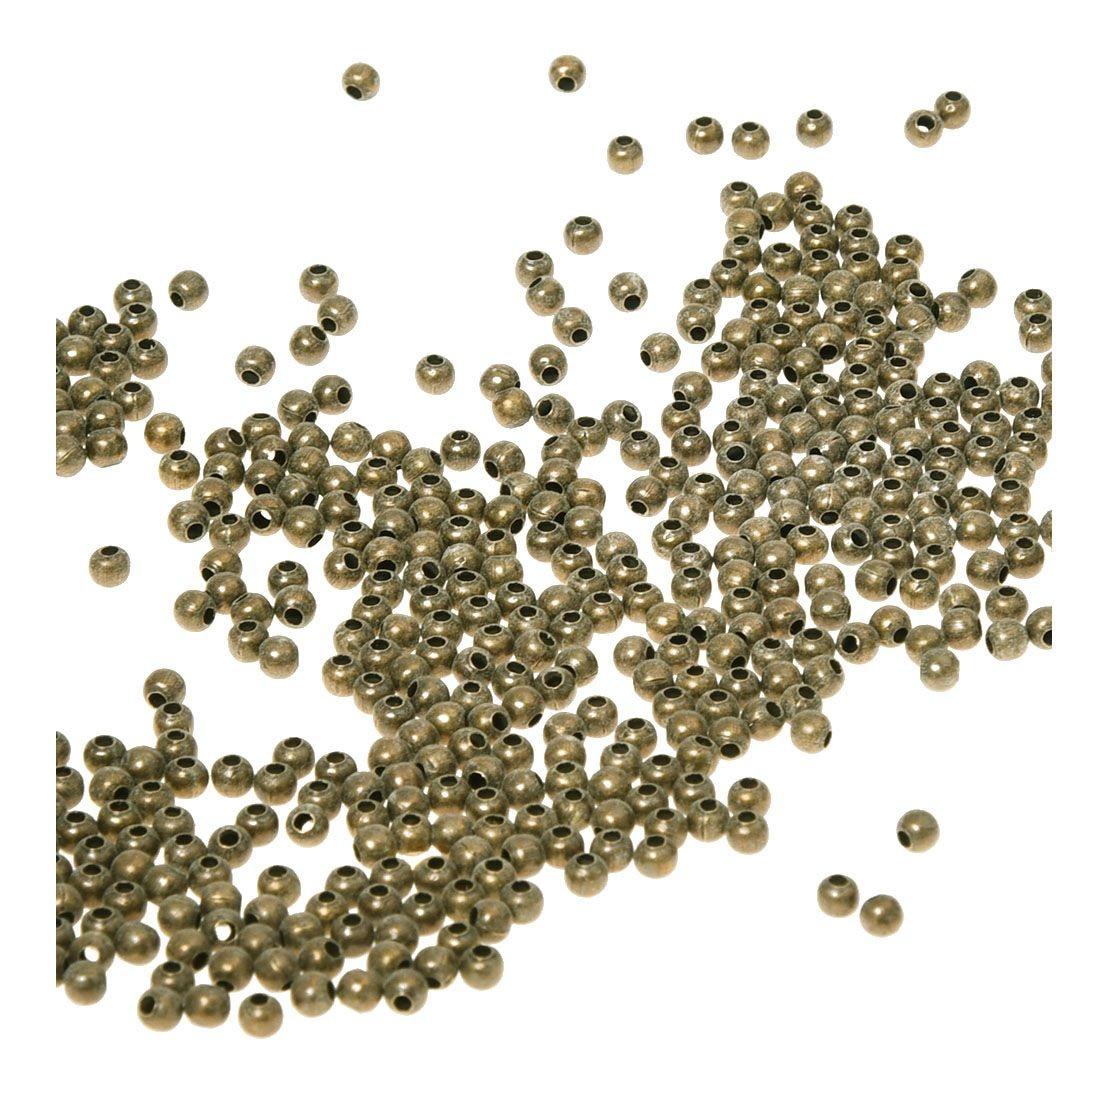 500 шт крошечные Металлические Круглые бусины для изготовления ювелирных изделий, 3,2 мм, античная бронза